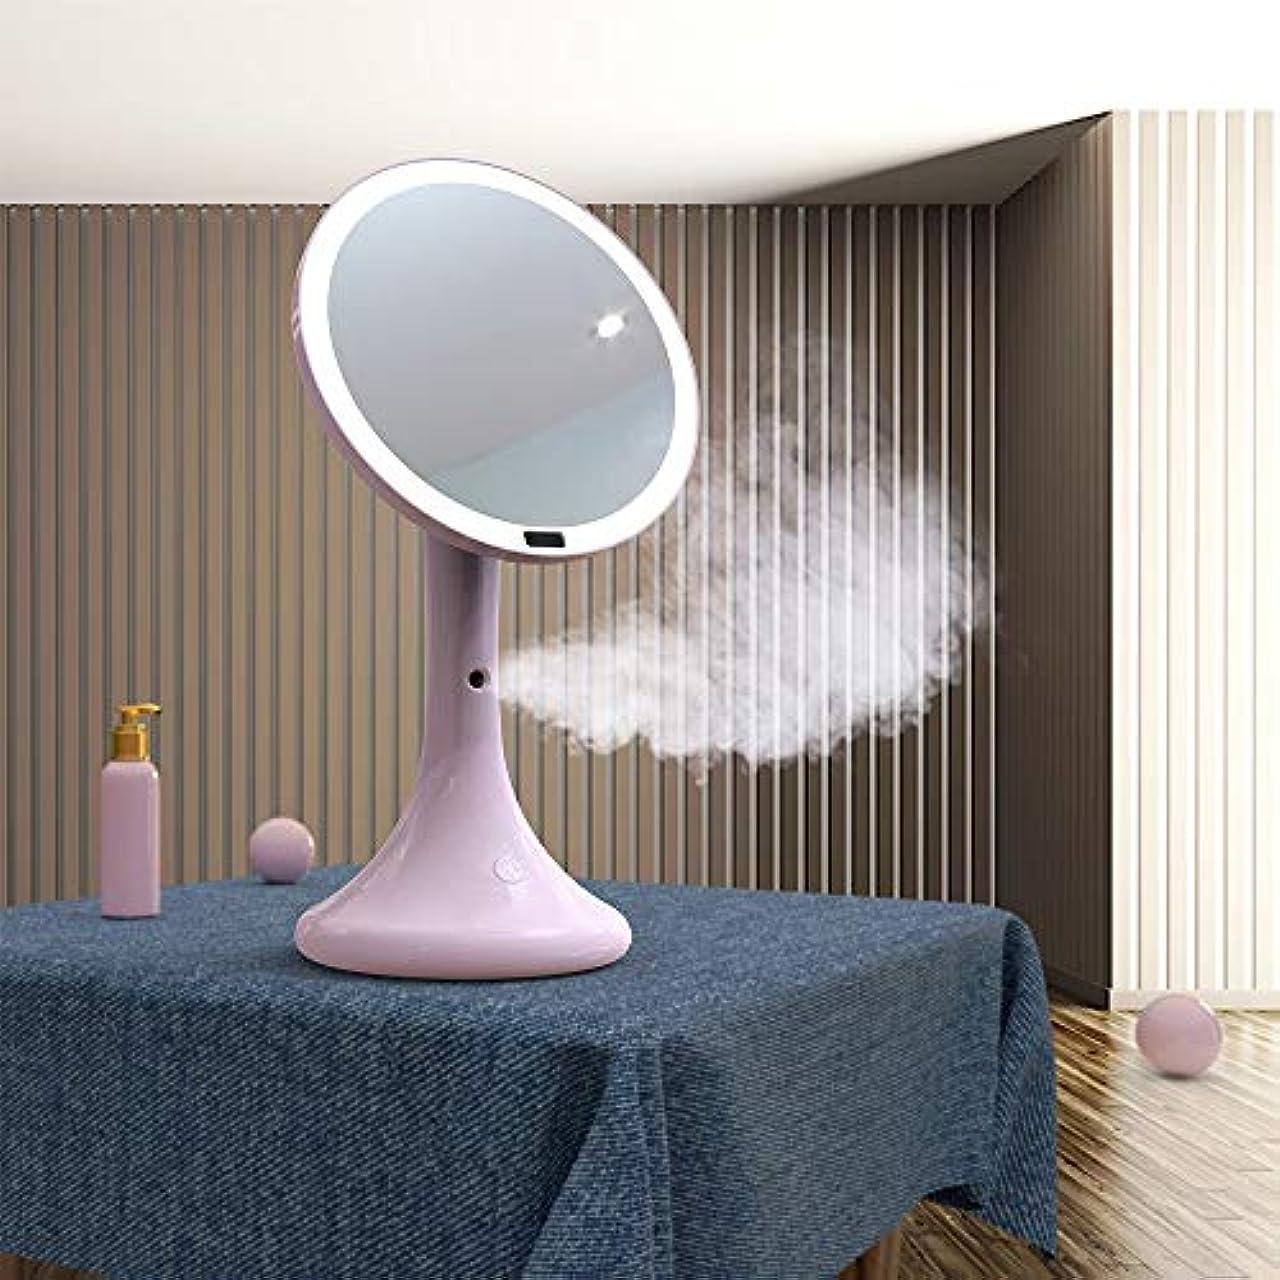 ルールピボットゆでる流行の スプレー水和LED化粧鏡インテリジェント人体誘導ランプミラーデスクトップ美容ミラー水和ABS素材ピンクセクションブルーセクション (色 : Pink)